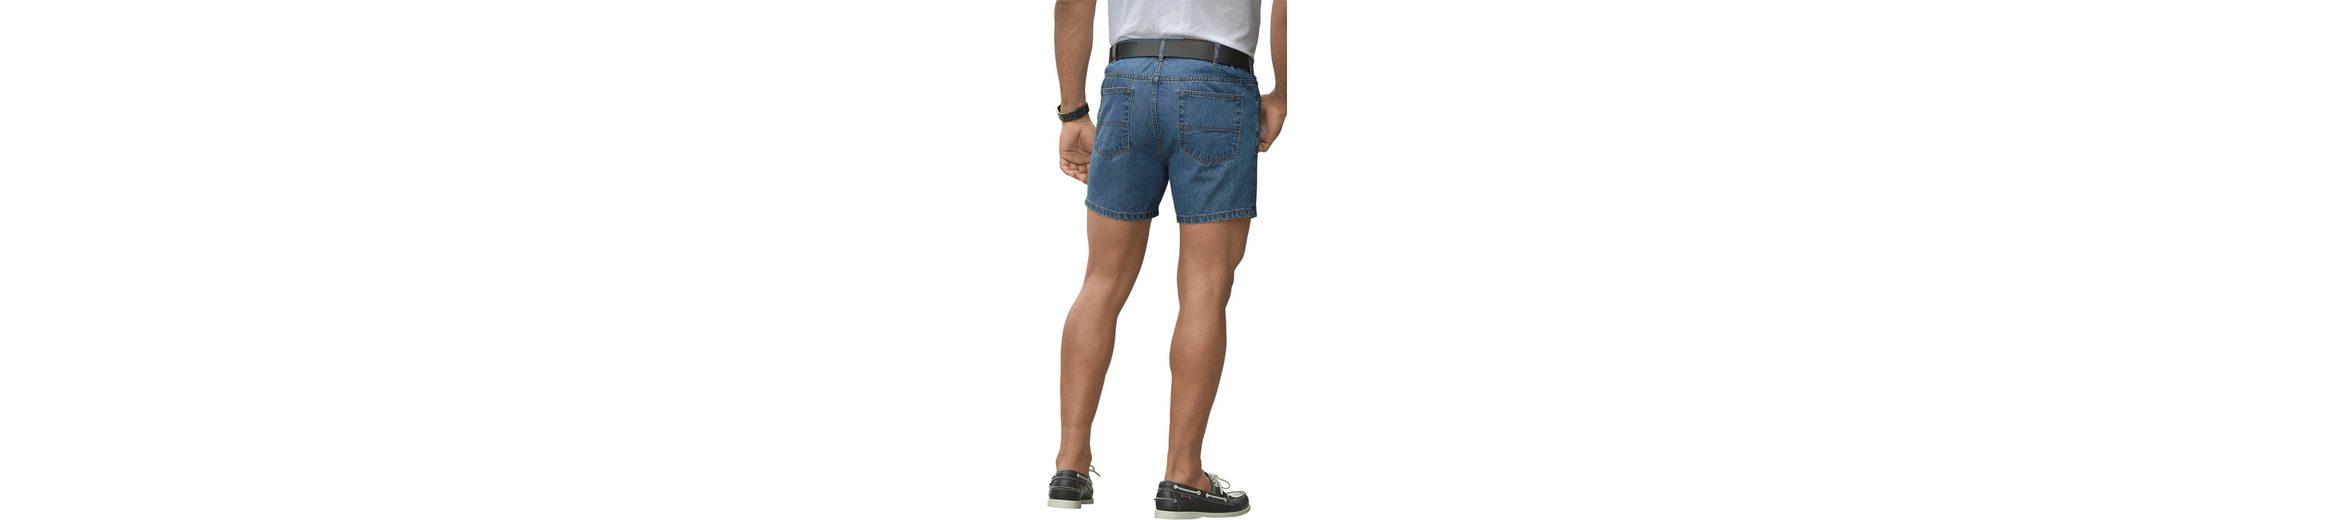 Catamaran Jeans-Shorts in leichter Qualität Auslass Bilder Auslass Sast Shop Selbst Mode Online-Verkauf RS1OVTTC